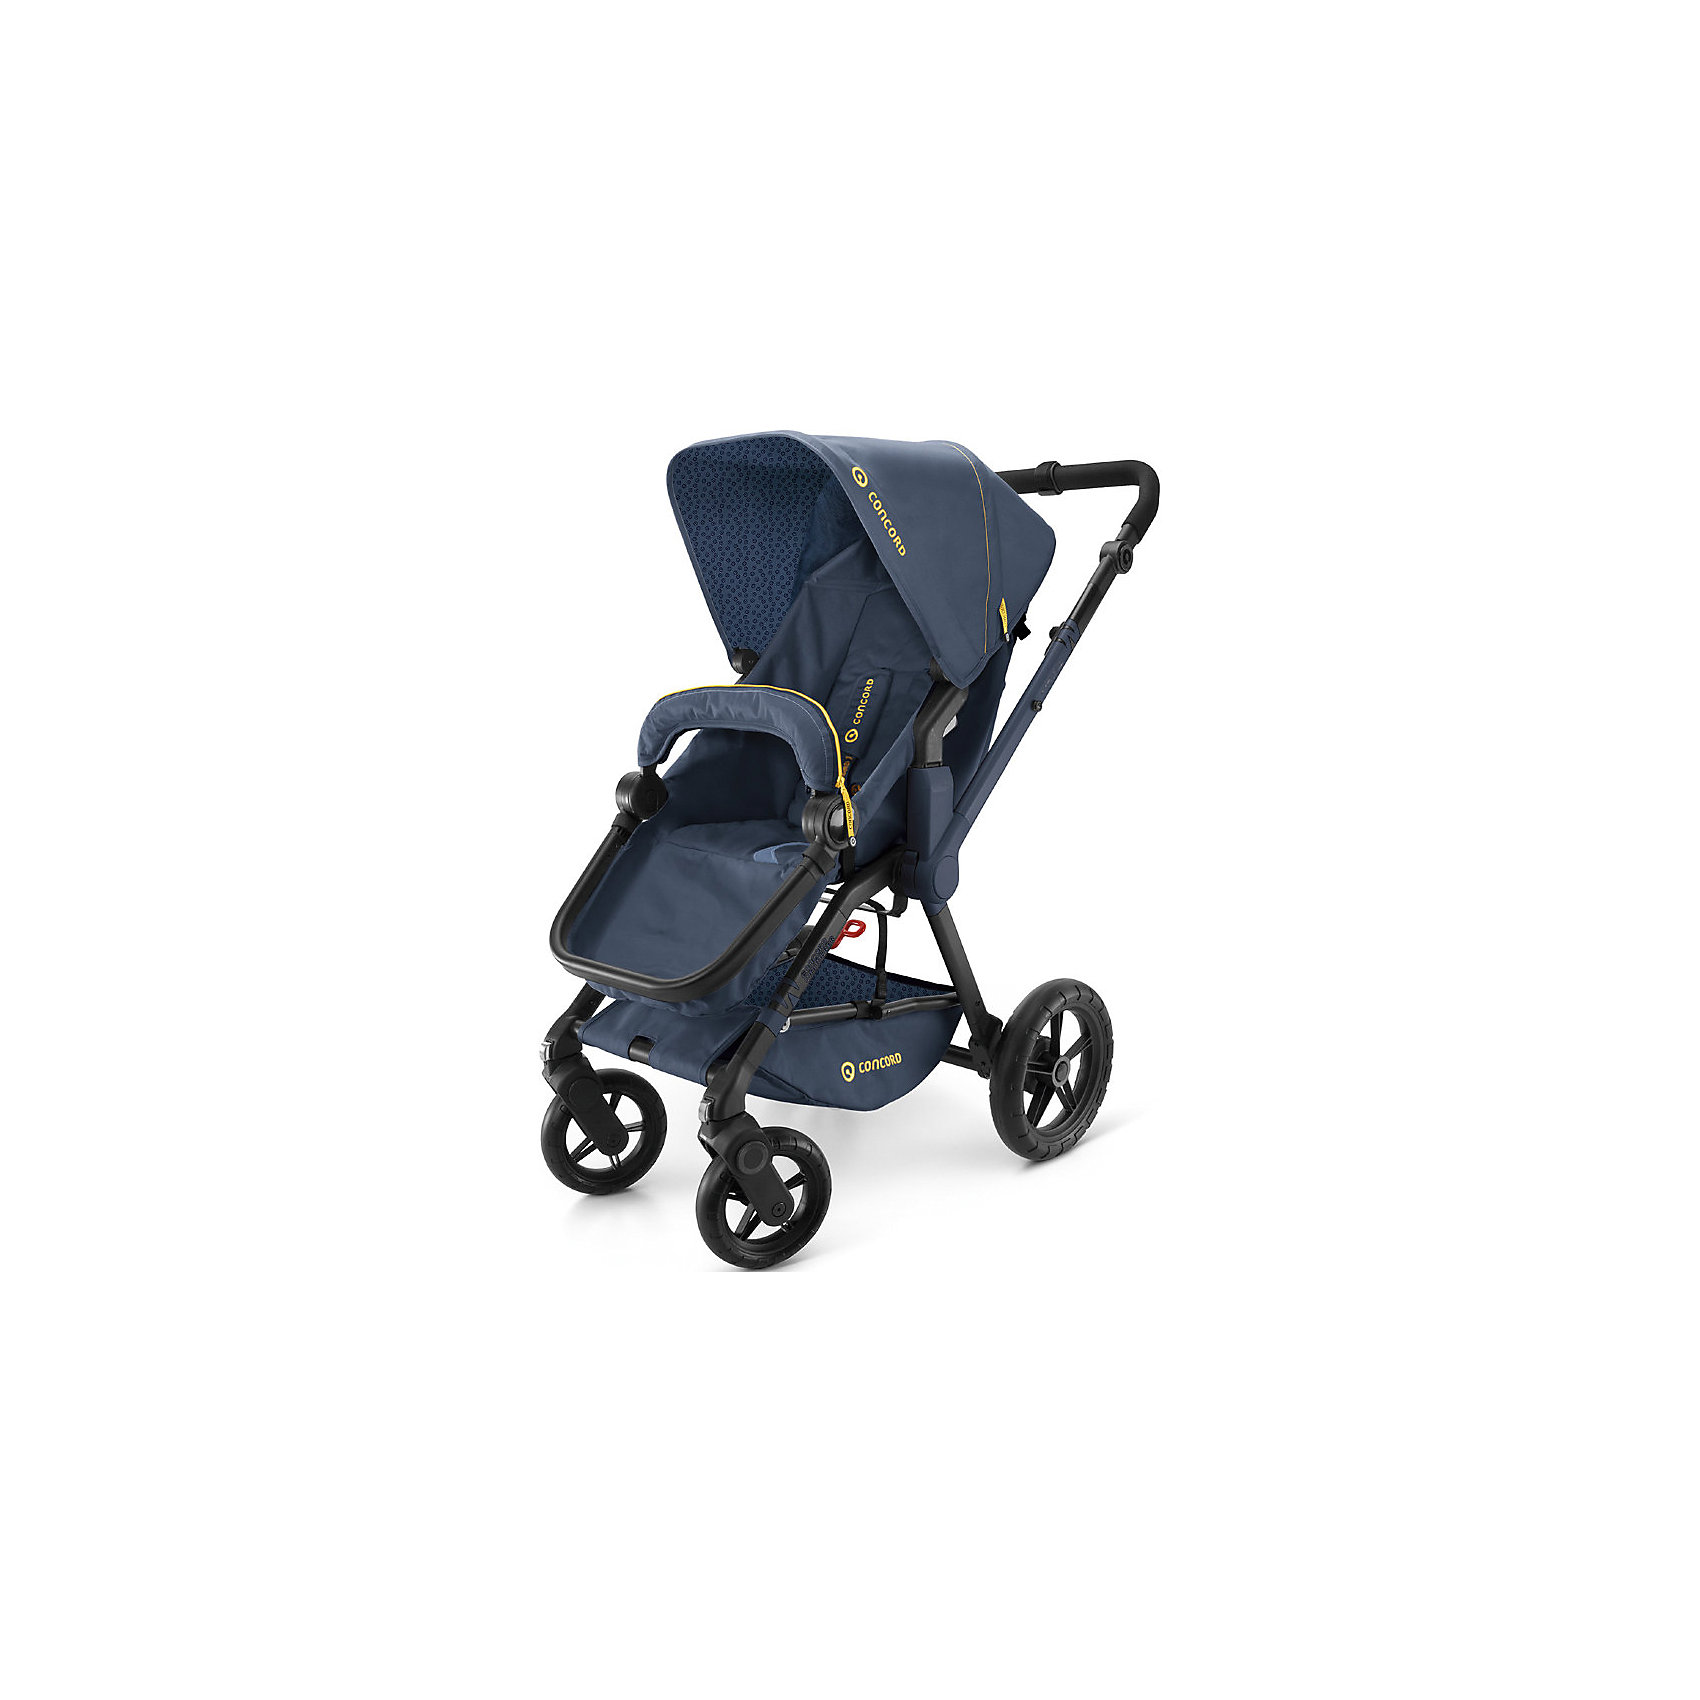 Прогулочная коляска Wanderer, Concord, Denim BlueПрогулочные коляски<br>Прогулочная коляска Wanderer, Concord, Denim Blue<br><br>Характеристики коляски Concord Wanderer:<br><br>• возраст ребенка: от 6 месяцев до 3-х лет;<br>• вес ребенка: до 15 кг;<br>• количество положений спинки: 3, вплоть до горизонтального;<br>• наличие 5-ти точечных ремней безопасности с мягкими накладками;<br>• регулируемая подножка;<br>• реверсивный блок (возможность установить прогулочный блок как лицом к маме, так и лицом к окружающему миру);<br>• высота ручки коляски регулируется, тип ручки – цельная;<br>• перекидная ручка коляски;<br>• бампер съемный;<br>• чехлы съемные, допускается стирка при температуре 30 градусов;<br>• наличие амортизаторов делают ход коляски мягким и плавным;<br>• положение капюшона регулируется в 4-х положениях, предусмотрена УФ-защиту 50+;<br>• колеса с подшипниками, передние поворотные с функцией блокировки, задние колеса большего диаметра;<br>• тип тормоза: ножной;<br>• тип складывания: книжка.<br><br>Прогулочная коляска Concord Wanderer имеет просторное прогулочное сиденье со спинкой, опускающейся до горизонтального положения, глубокий капюшон, съемный бампер. Прогулочный блок можно установить в 2-х положениях. Цельная ручка коляски регулируется по высоте. Колеса вращаются на 360 градусов, задние зафиксированы. <br><br>На шасси Concord можно установить люльку для новорожденного Concord Sleeper и детское автокресло Concord Air. <br><br>Обратите внимание: данные аксессуары приобретаются отдельно.<br><br>Размеры коляски Конкорд:<br><br>• ширина сиденья: 33 см;<br>• высота спинки: 45 см;<br>• длина спального места: 75 см;<br>• высота ручки: 73-102 см;<br>• размер коляски в разложенном виде: 104x60x102 см.<br>• размер в сложенном виде: 69x50x39 см.<br>• вес: 13,5 кг.<br><br>Комплектация: <br><br>• прогулочный блок с капюшоном и бампером;<br>• шасси с колесами;<br>• накидка на ножки;<br>• дождевик;<br>• инструкция. <br><br>Прогулочную коляску Wanderer, Concord, Denim 